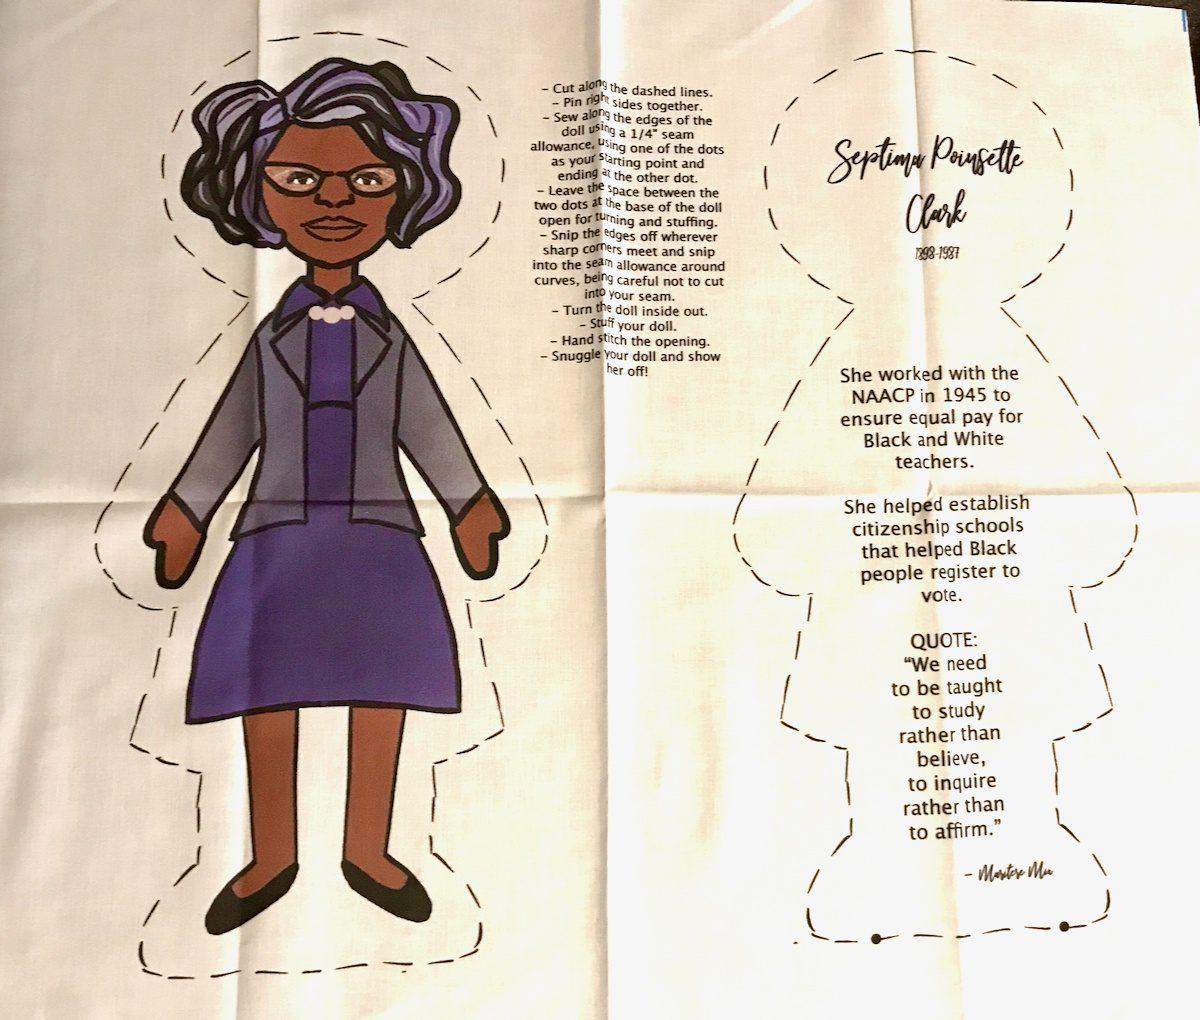 Educational Septima Poinsette-Clark doll